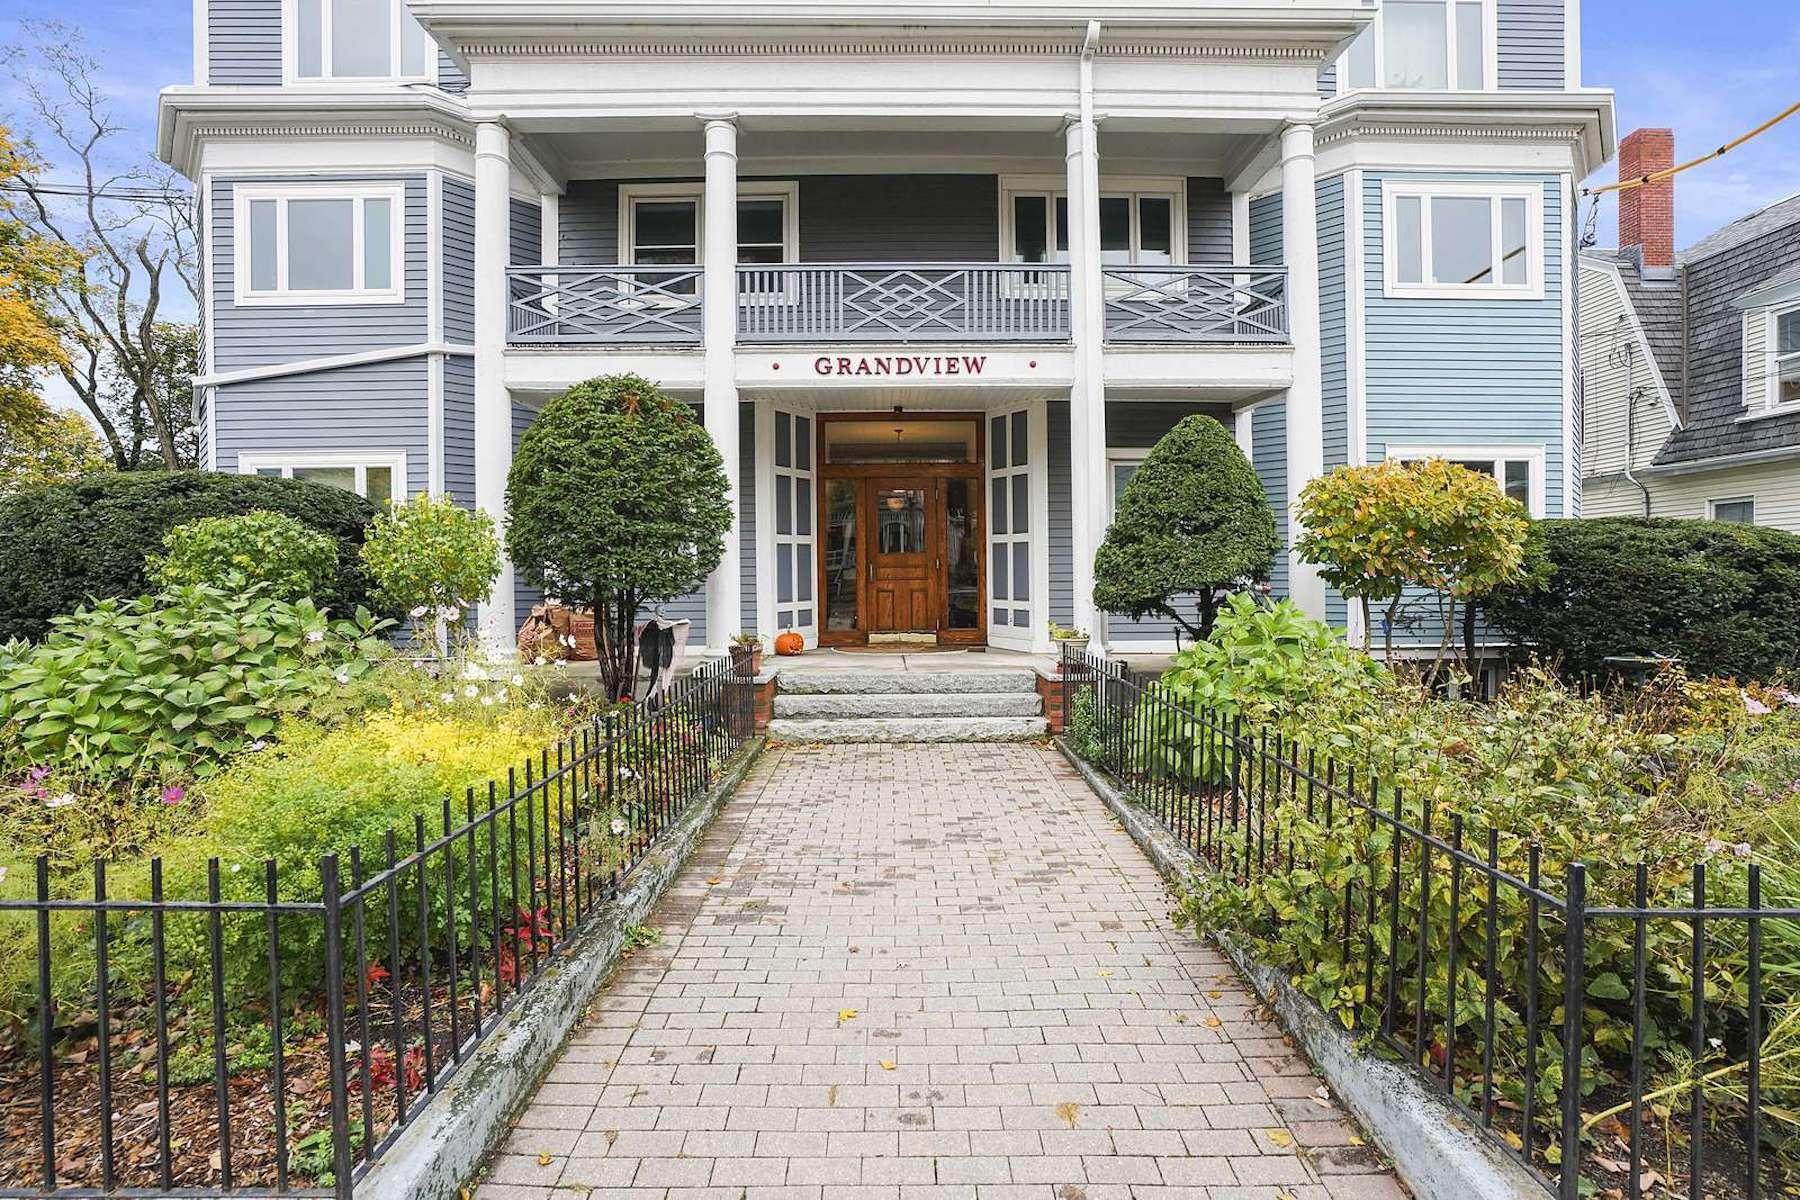 Condominiums 为 销售 在 82 Munroe Street, Unit PH2 82 Munroe Street Unit PH2 Somerville, 马萨诸塞州 02143 美国